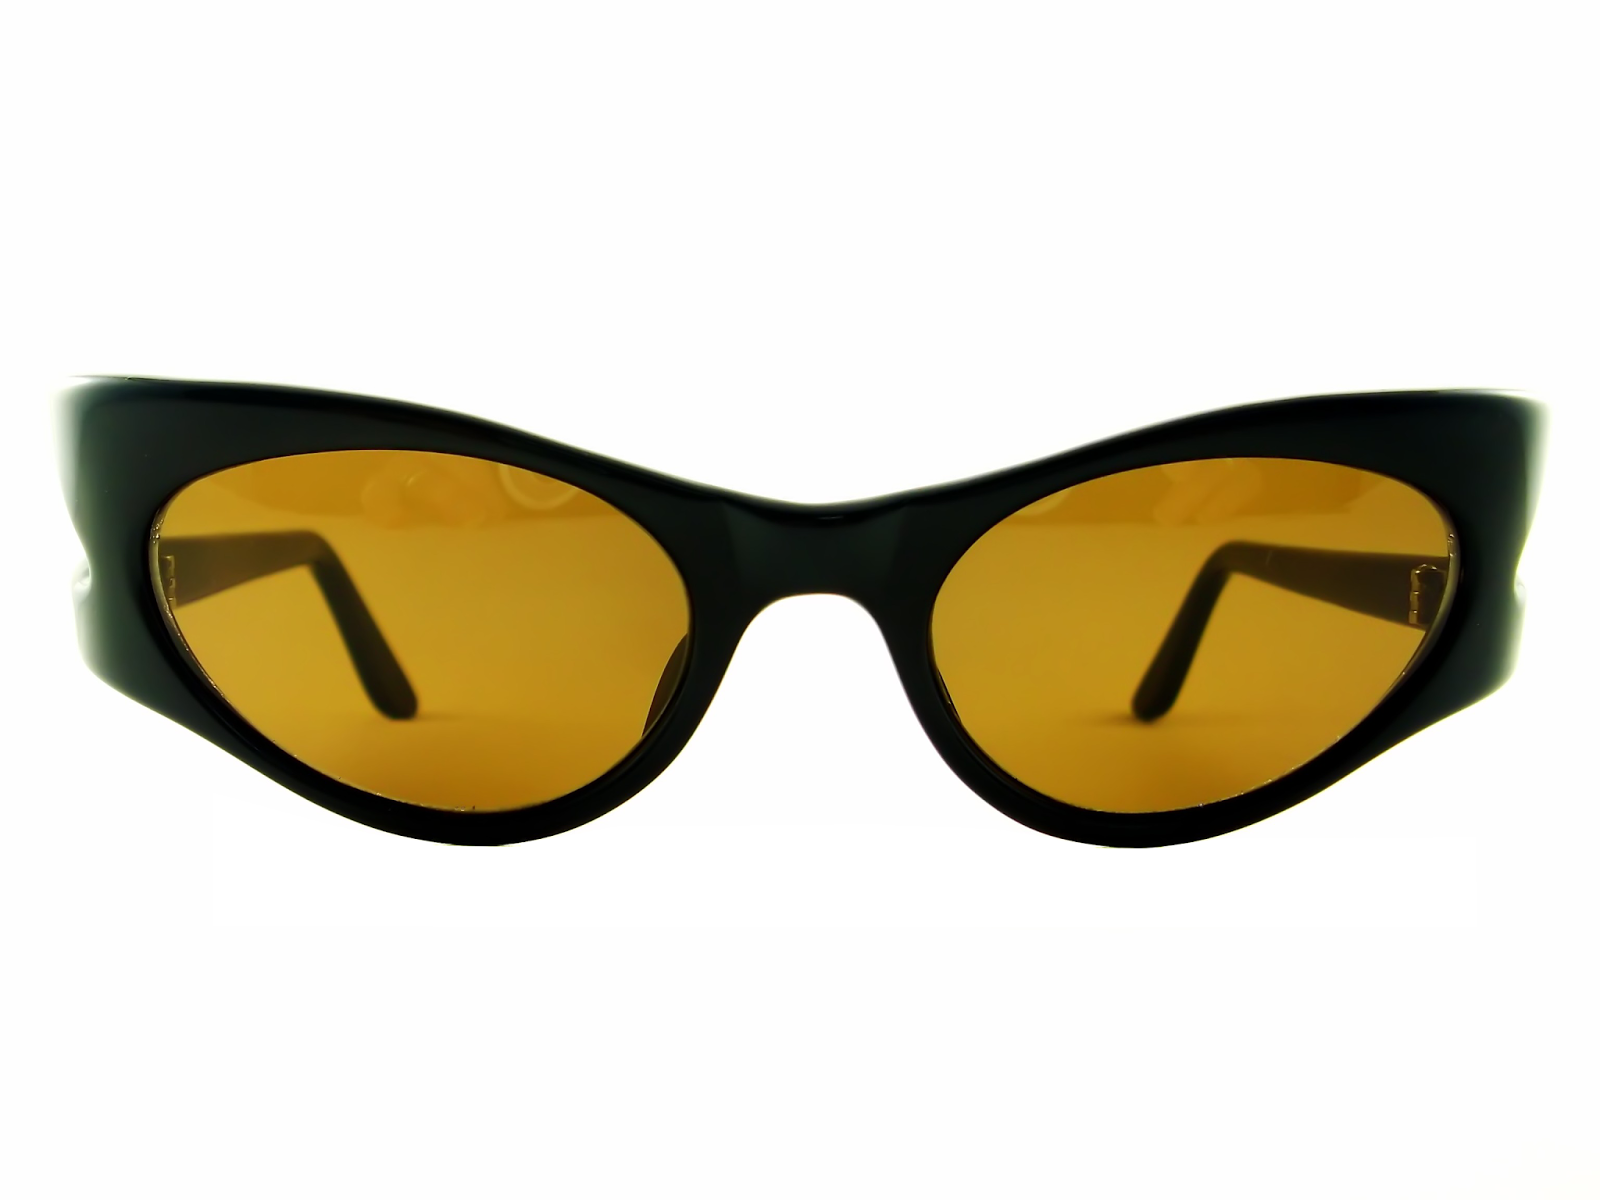 vintage eyeglasses frames eyewear sunglasses 50s may 2014